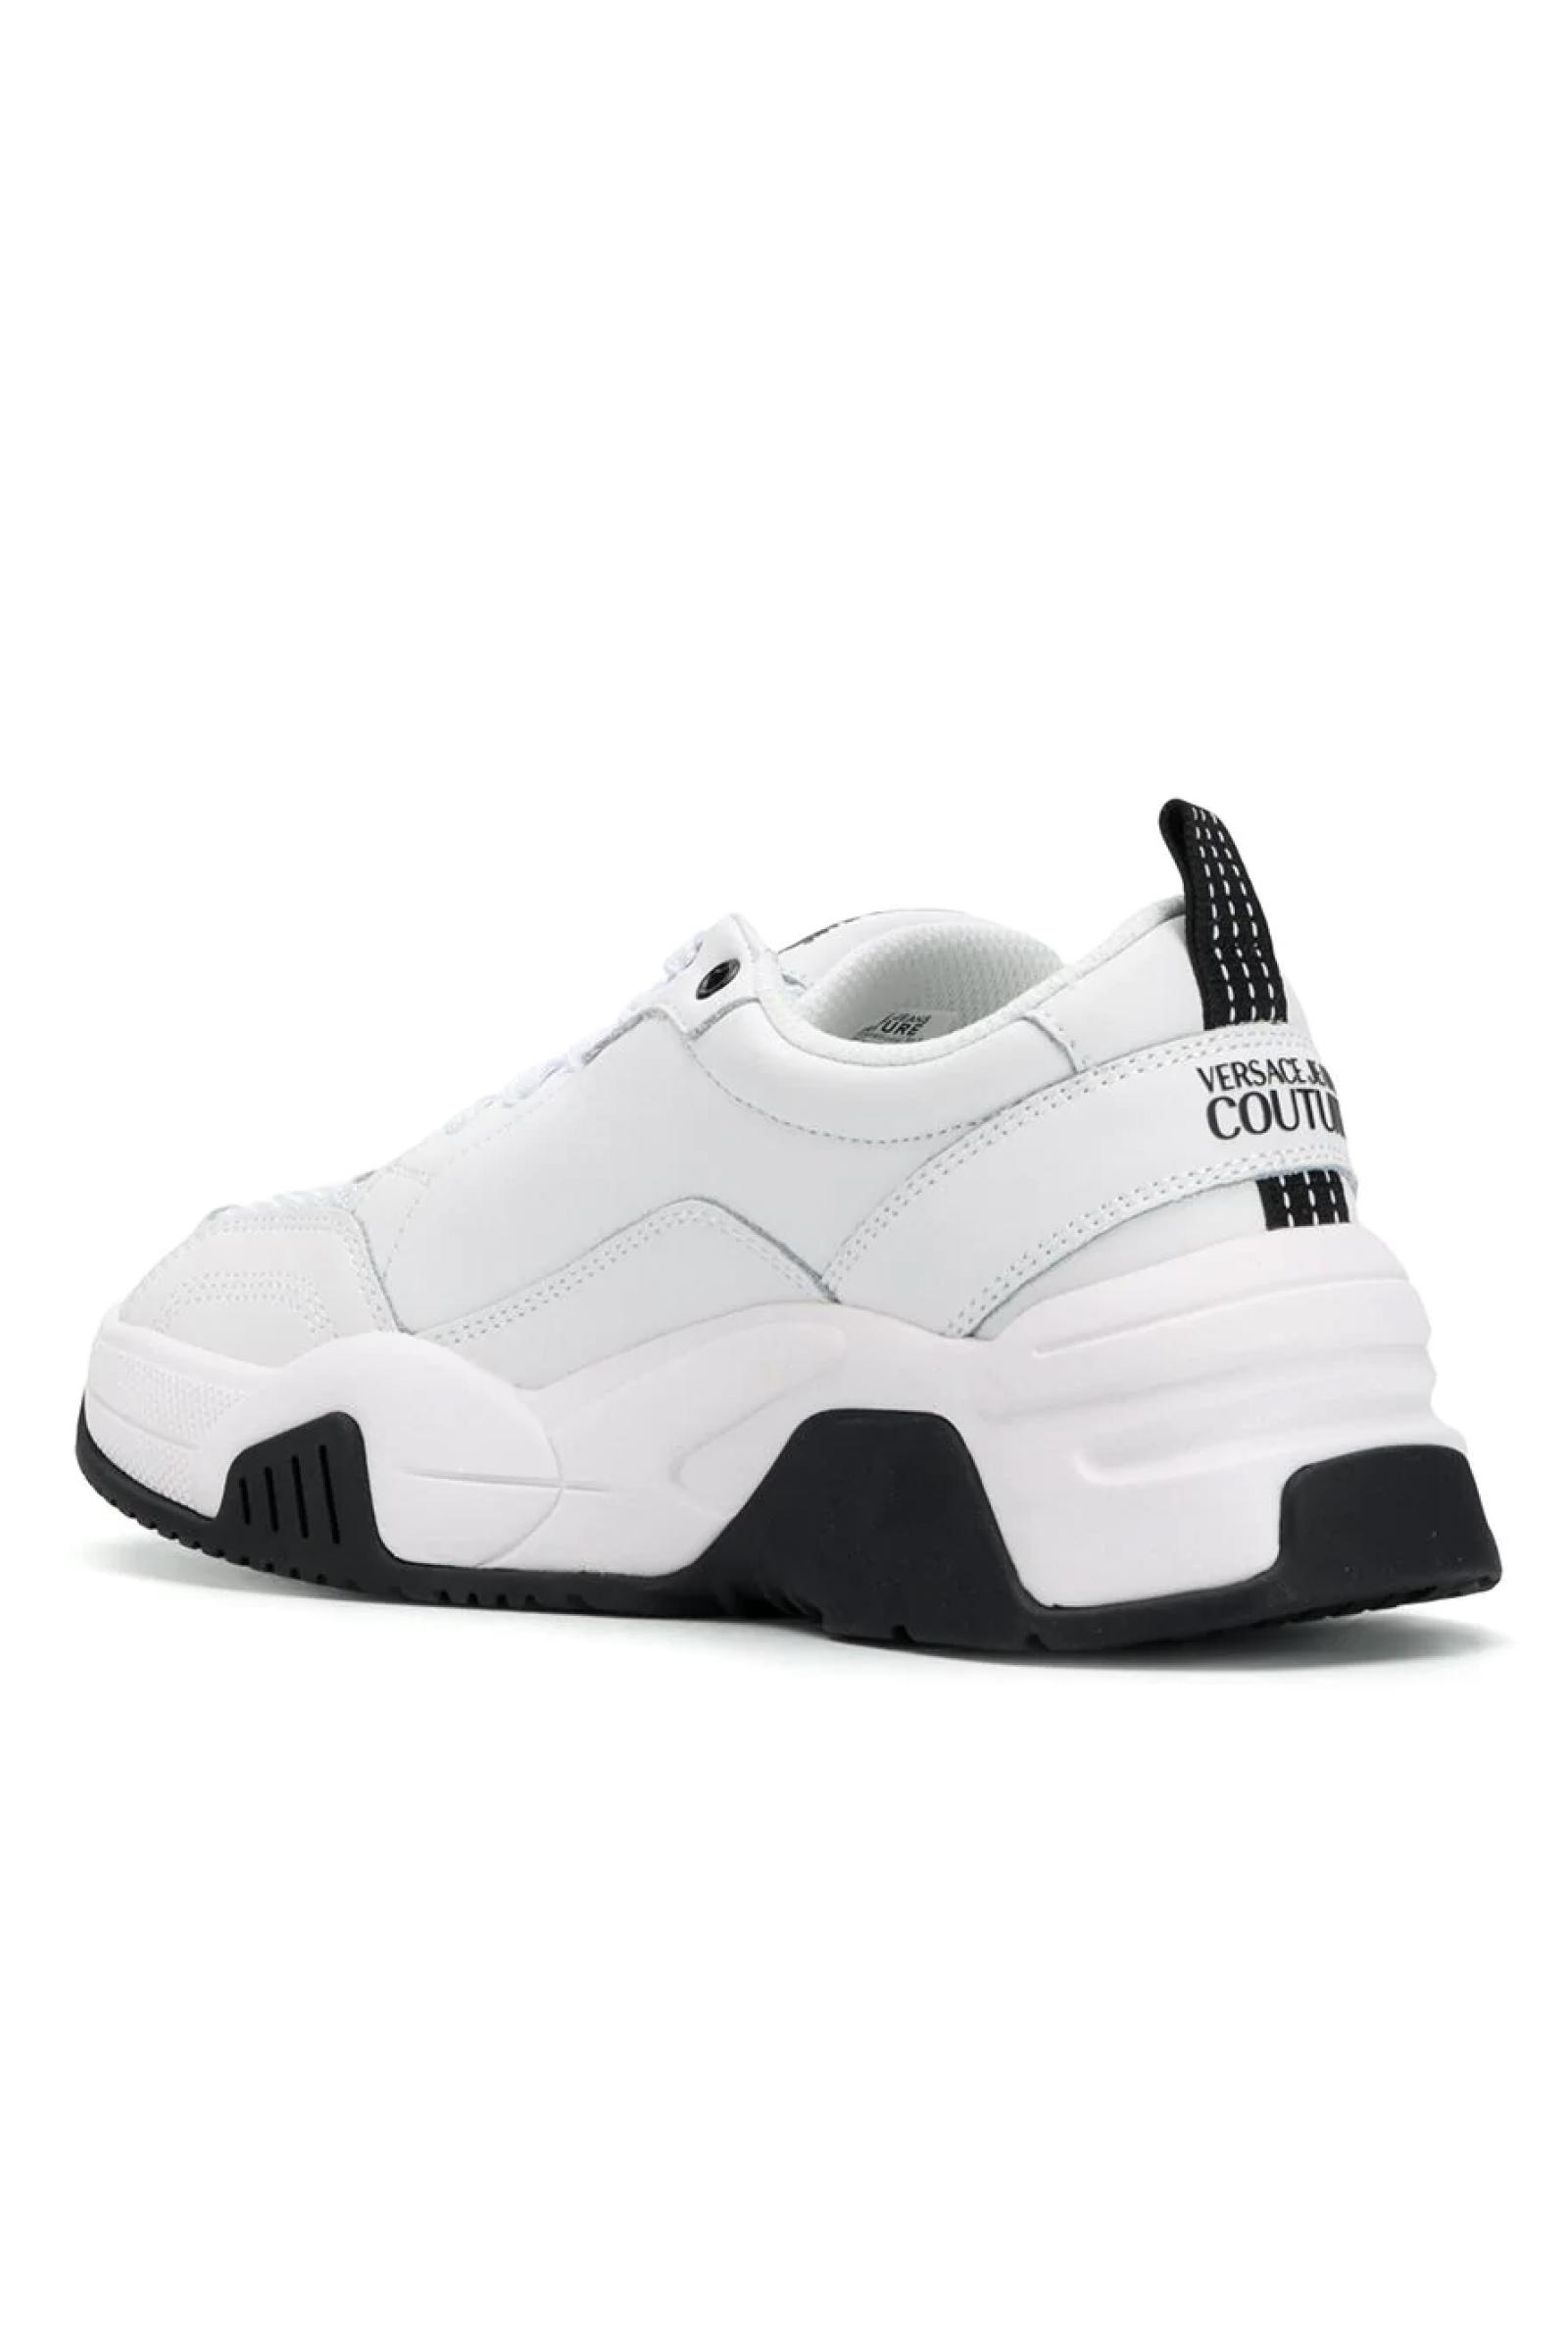 VERSACE JEANS COUTURE Men's Shoes